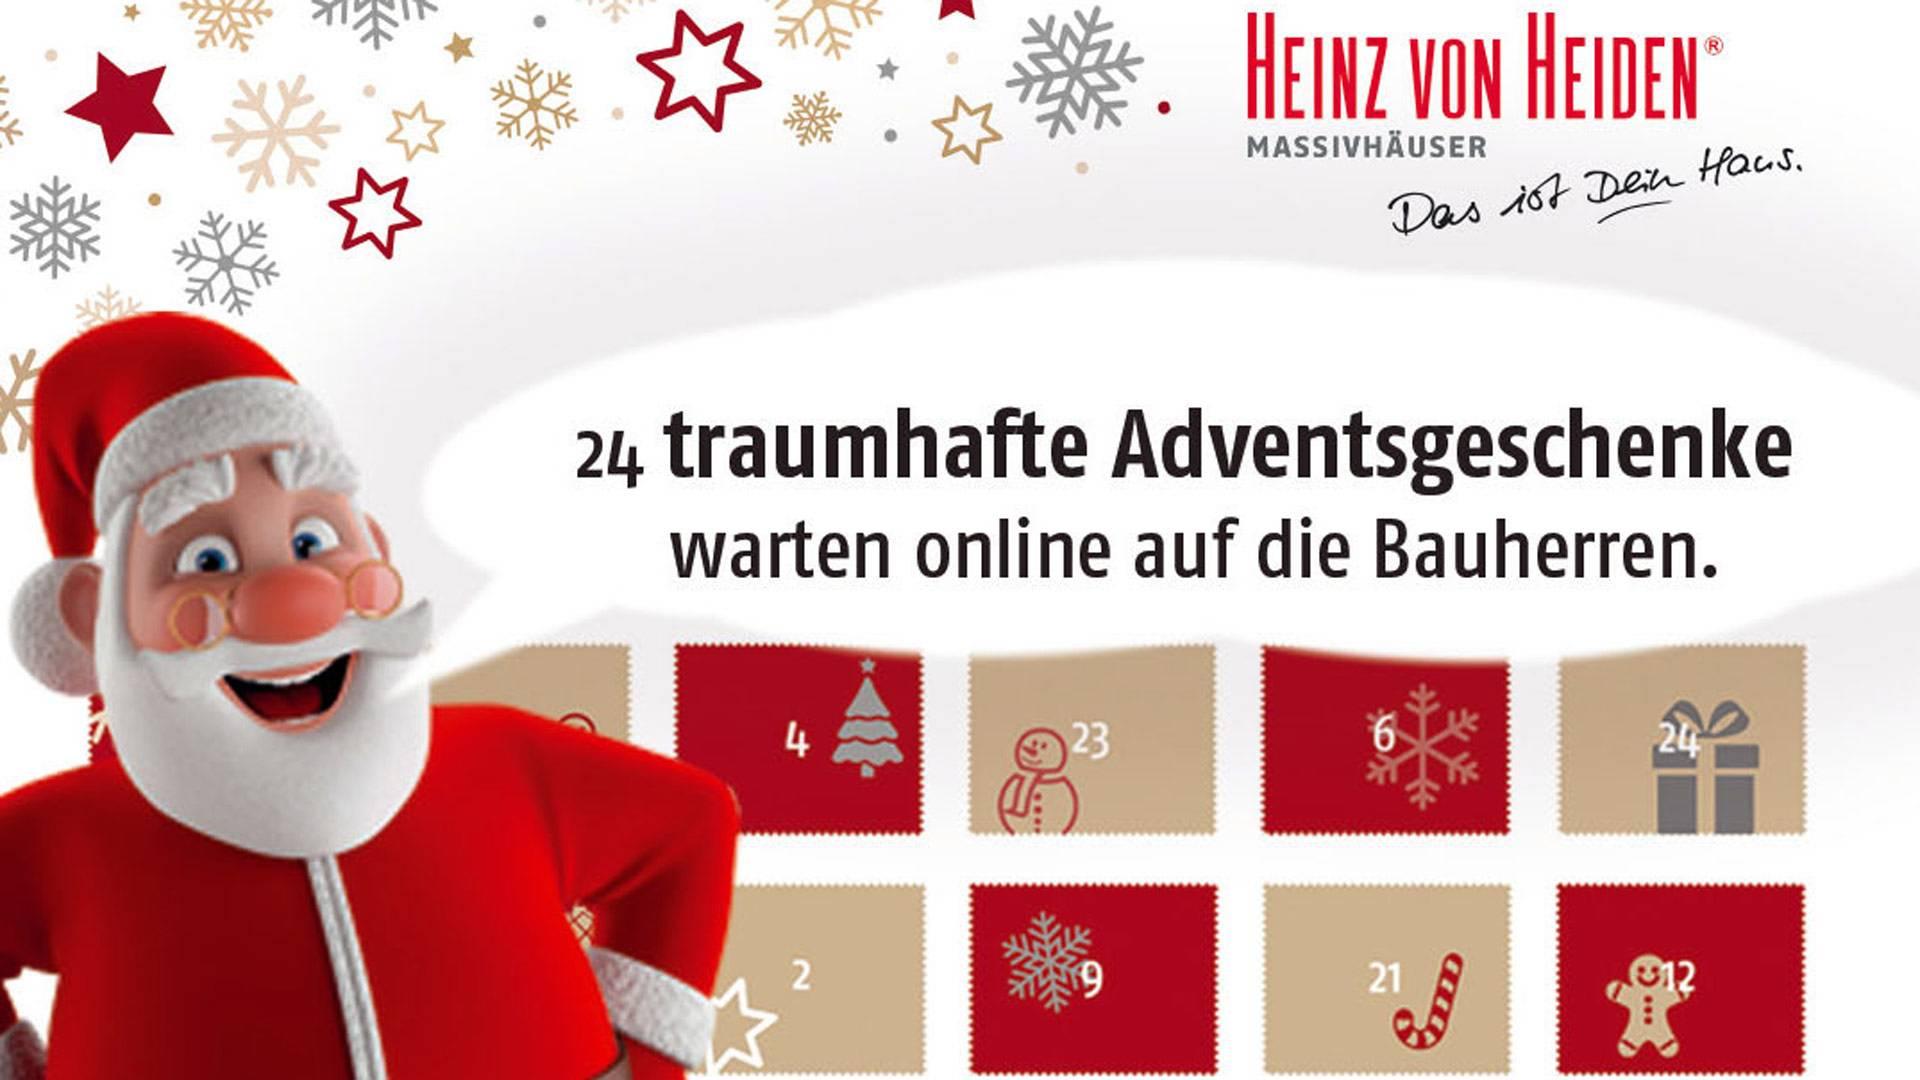 Heinz von Heiden Weihnachtswelt